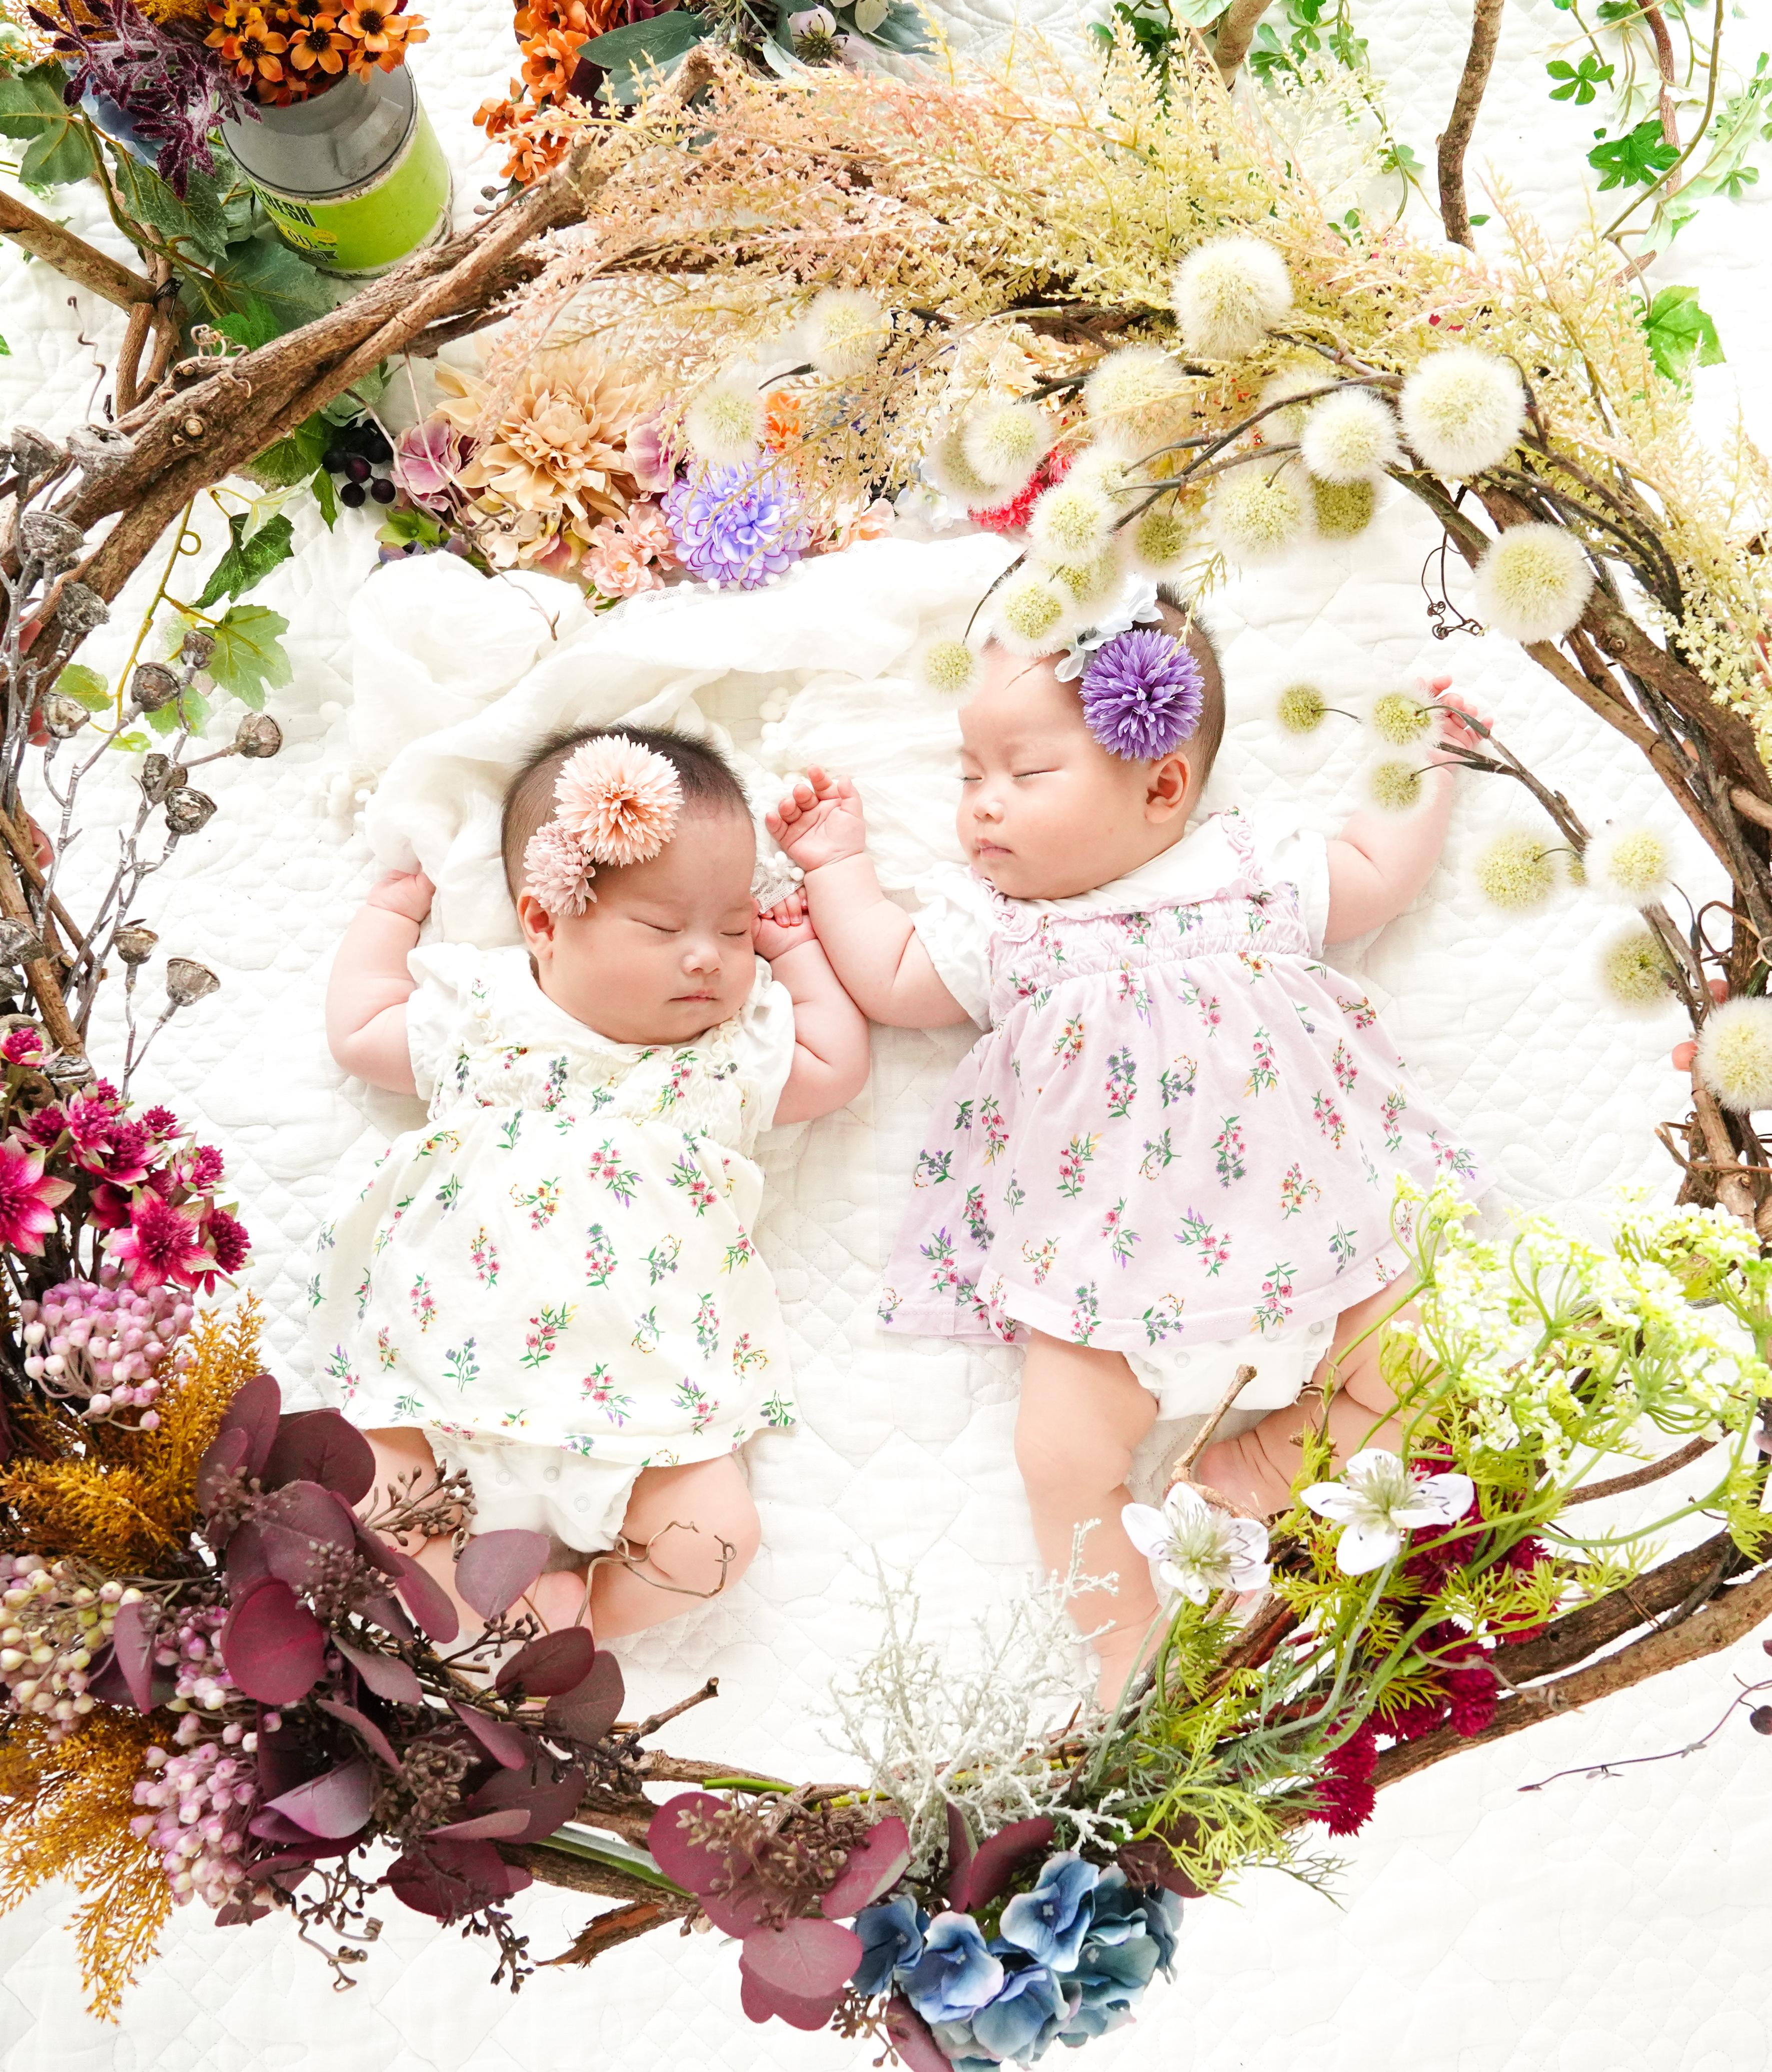 Baby Half Birthday 「双子ちゃんと」